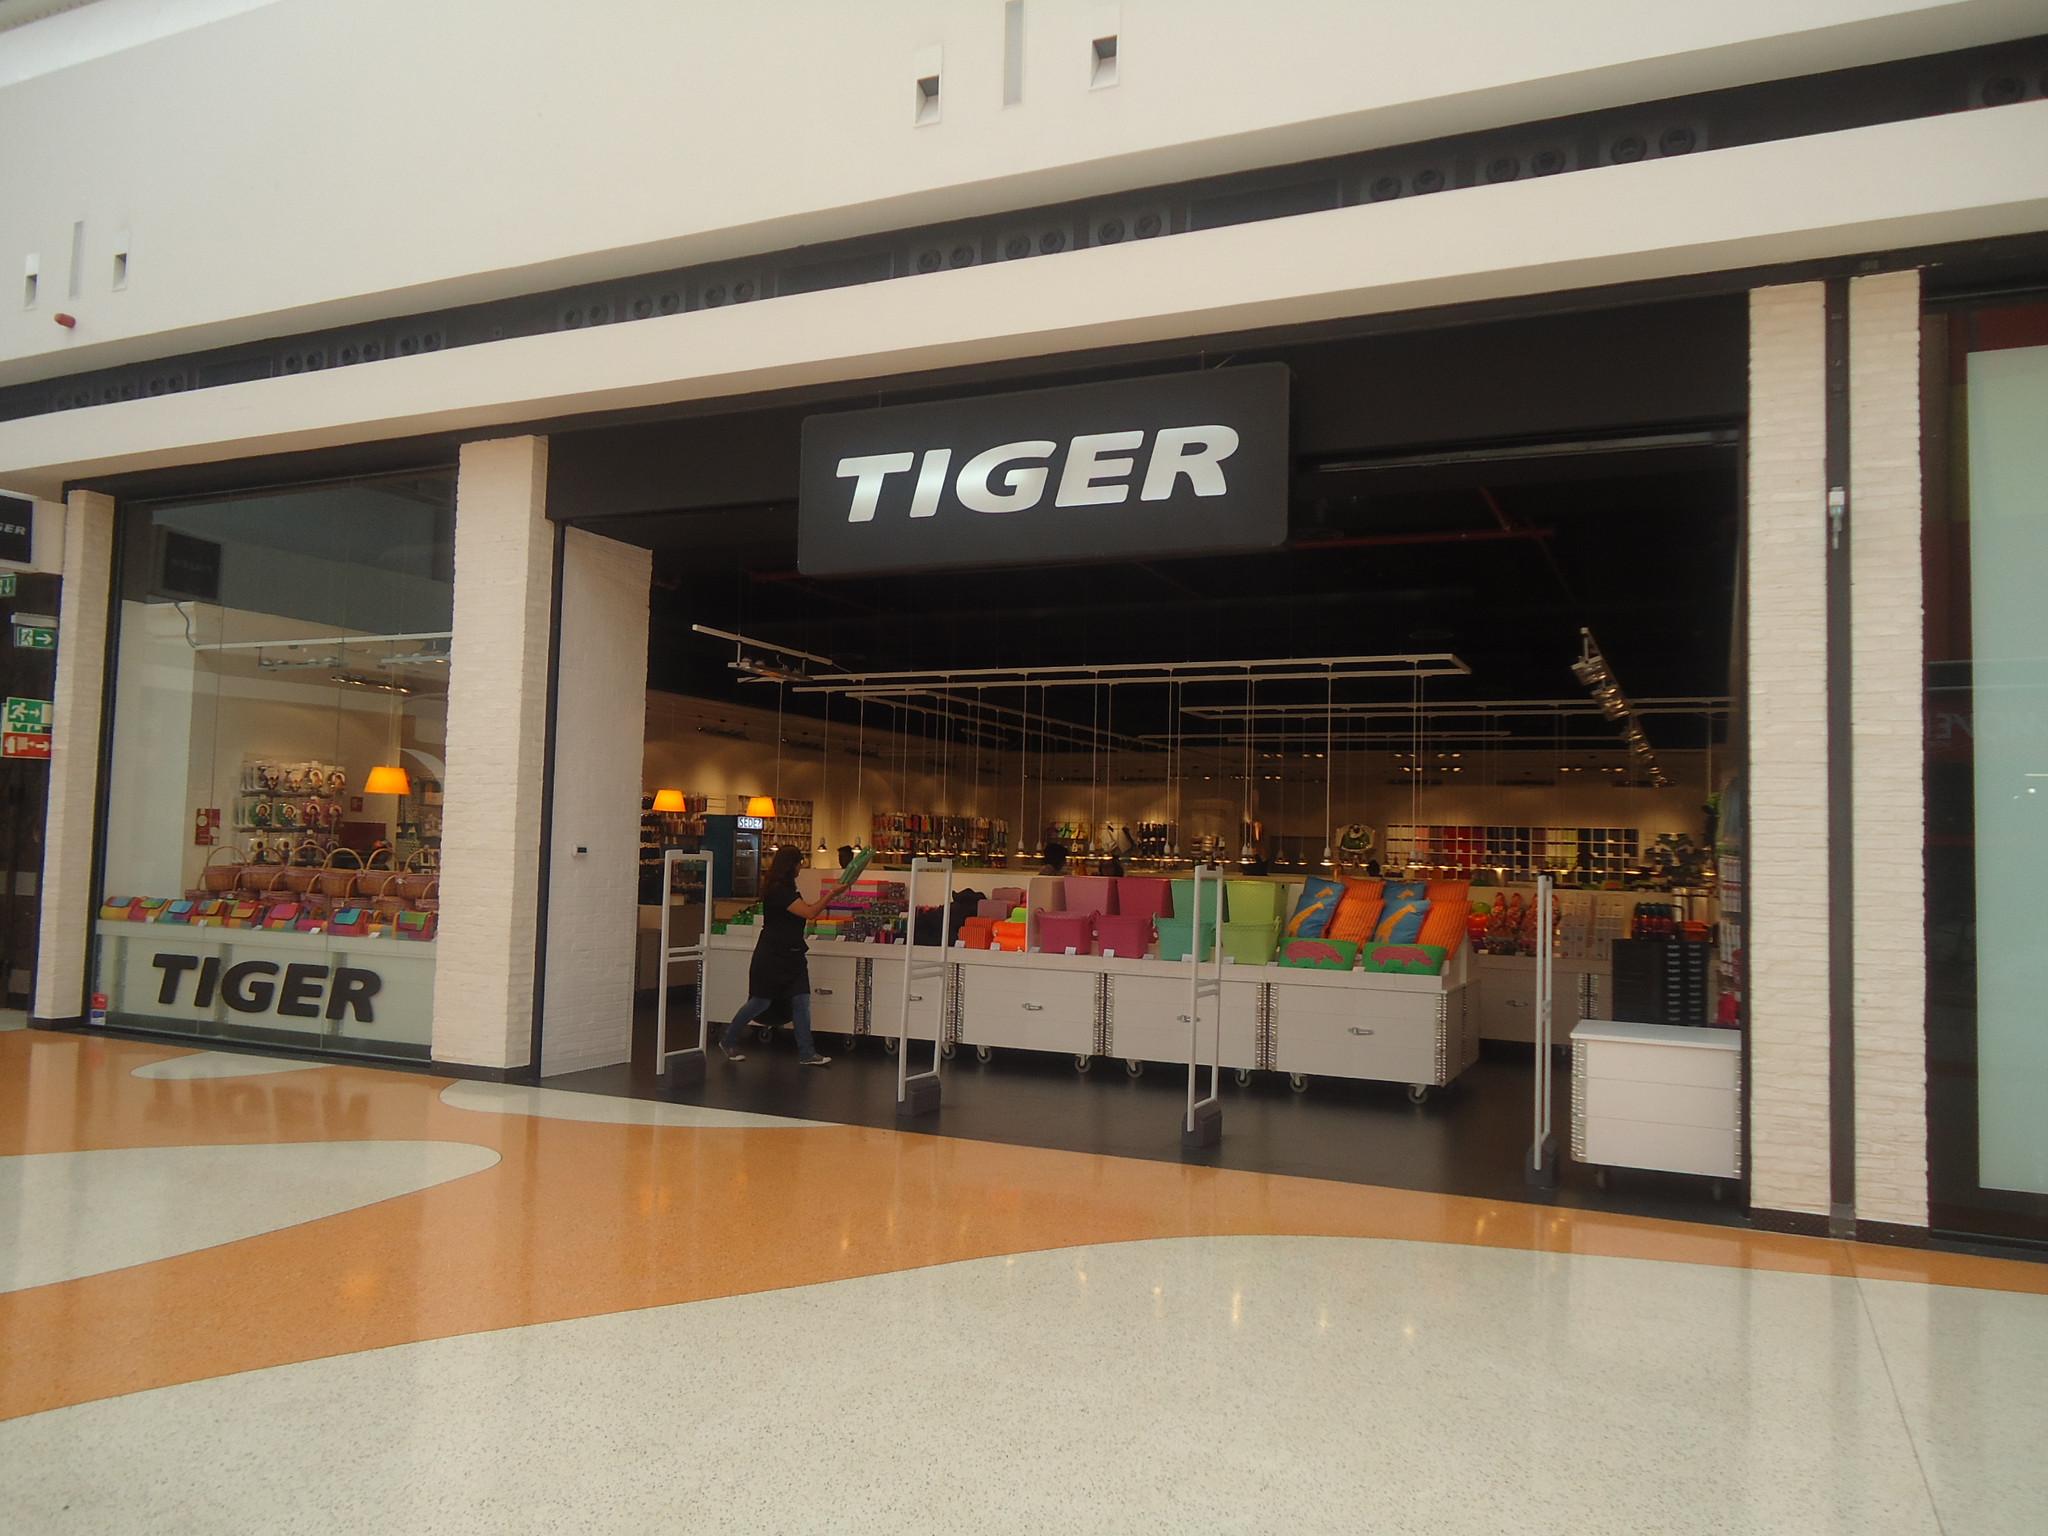 dvt_tiger.JPG